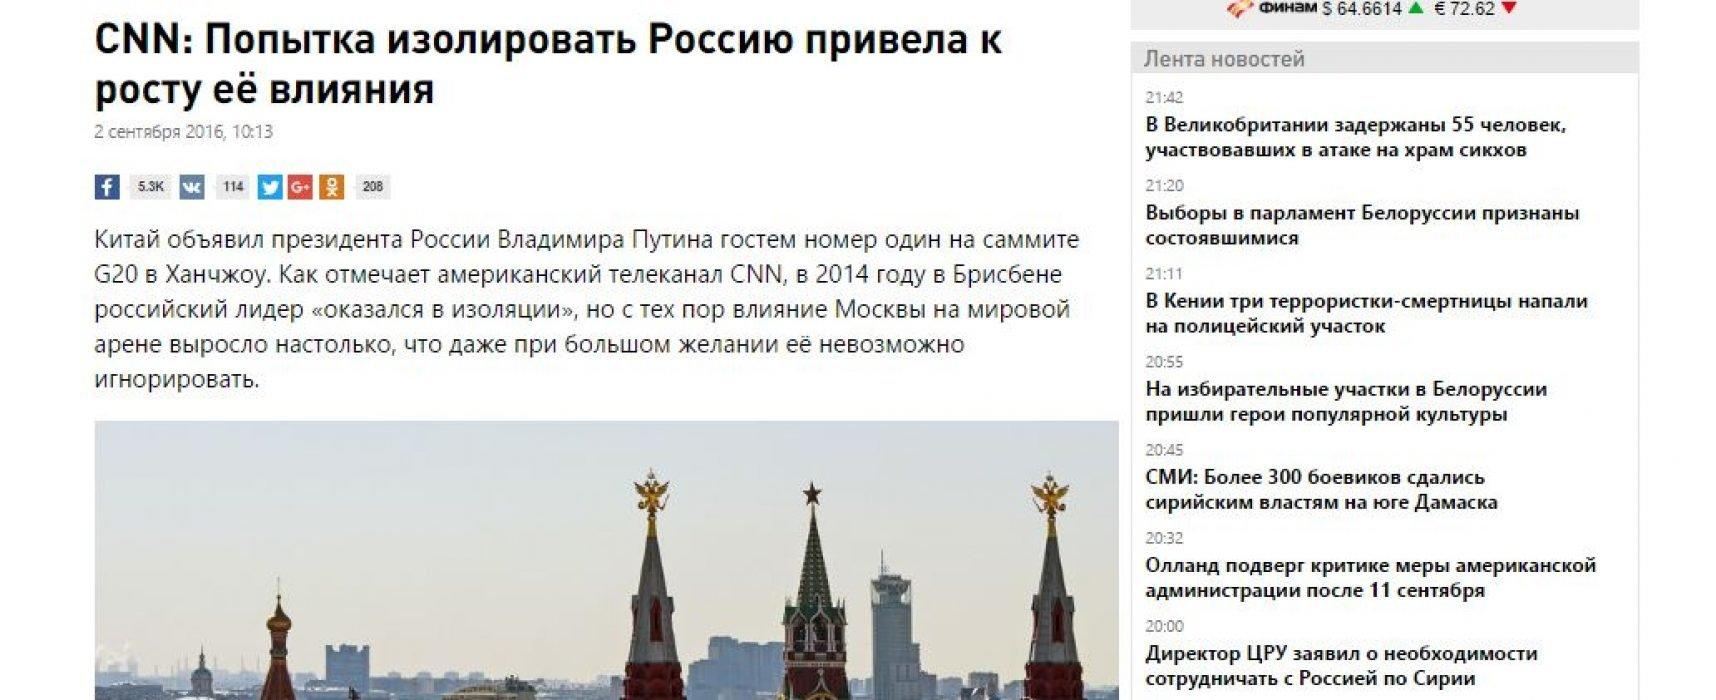 """Пропагандни СМИ изопачиха сюжет на CNN за """"влиянието на Русия в света"""""""